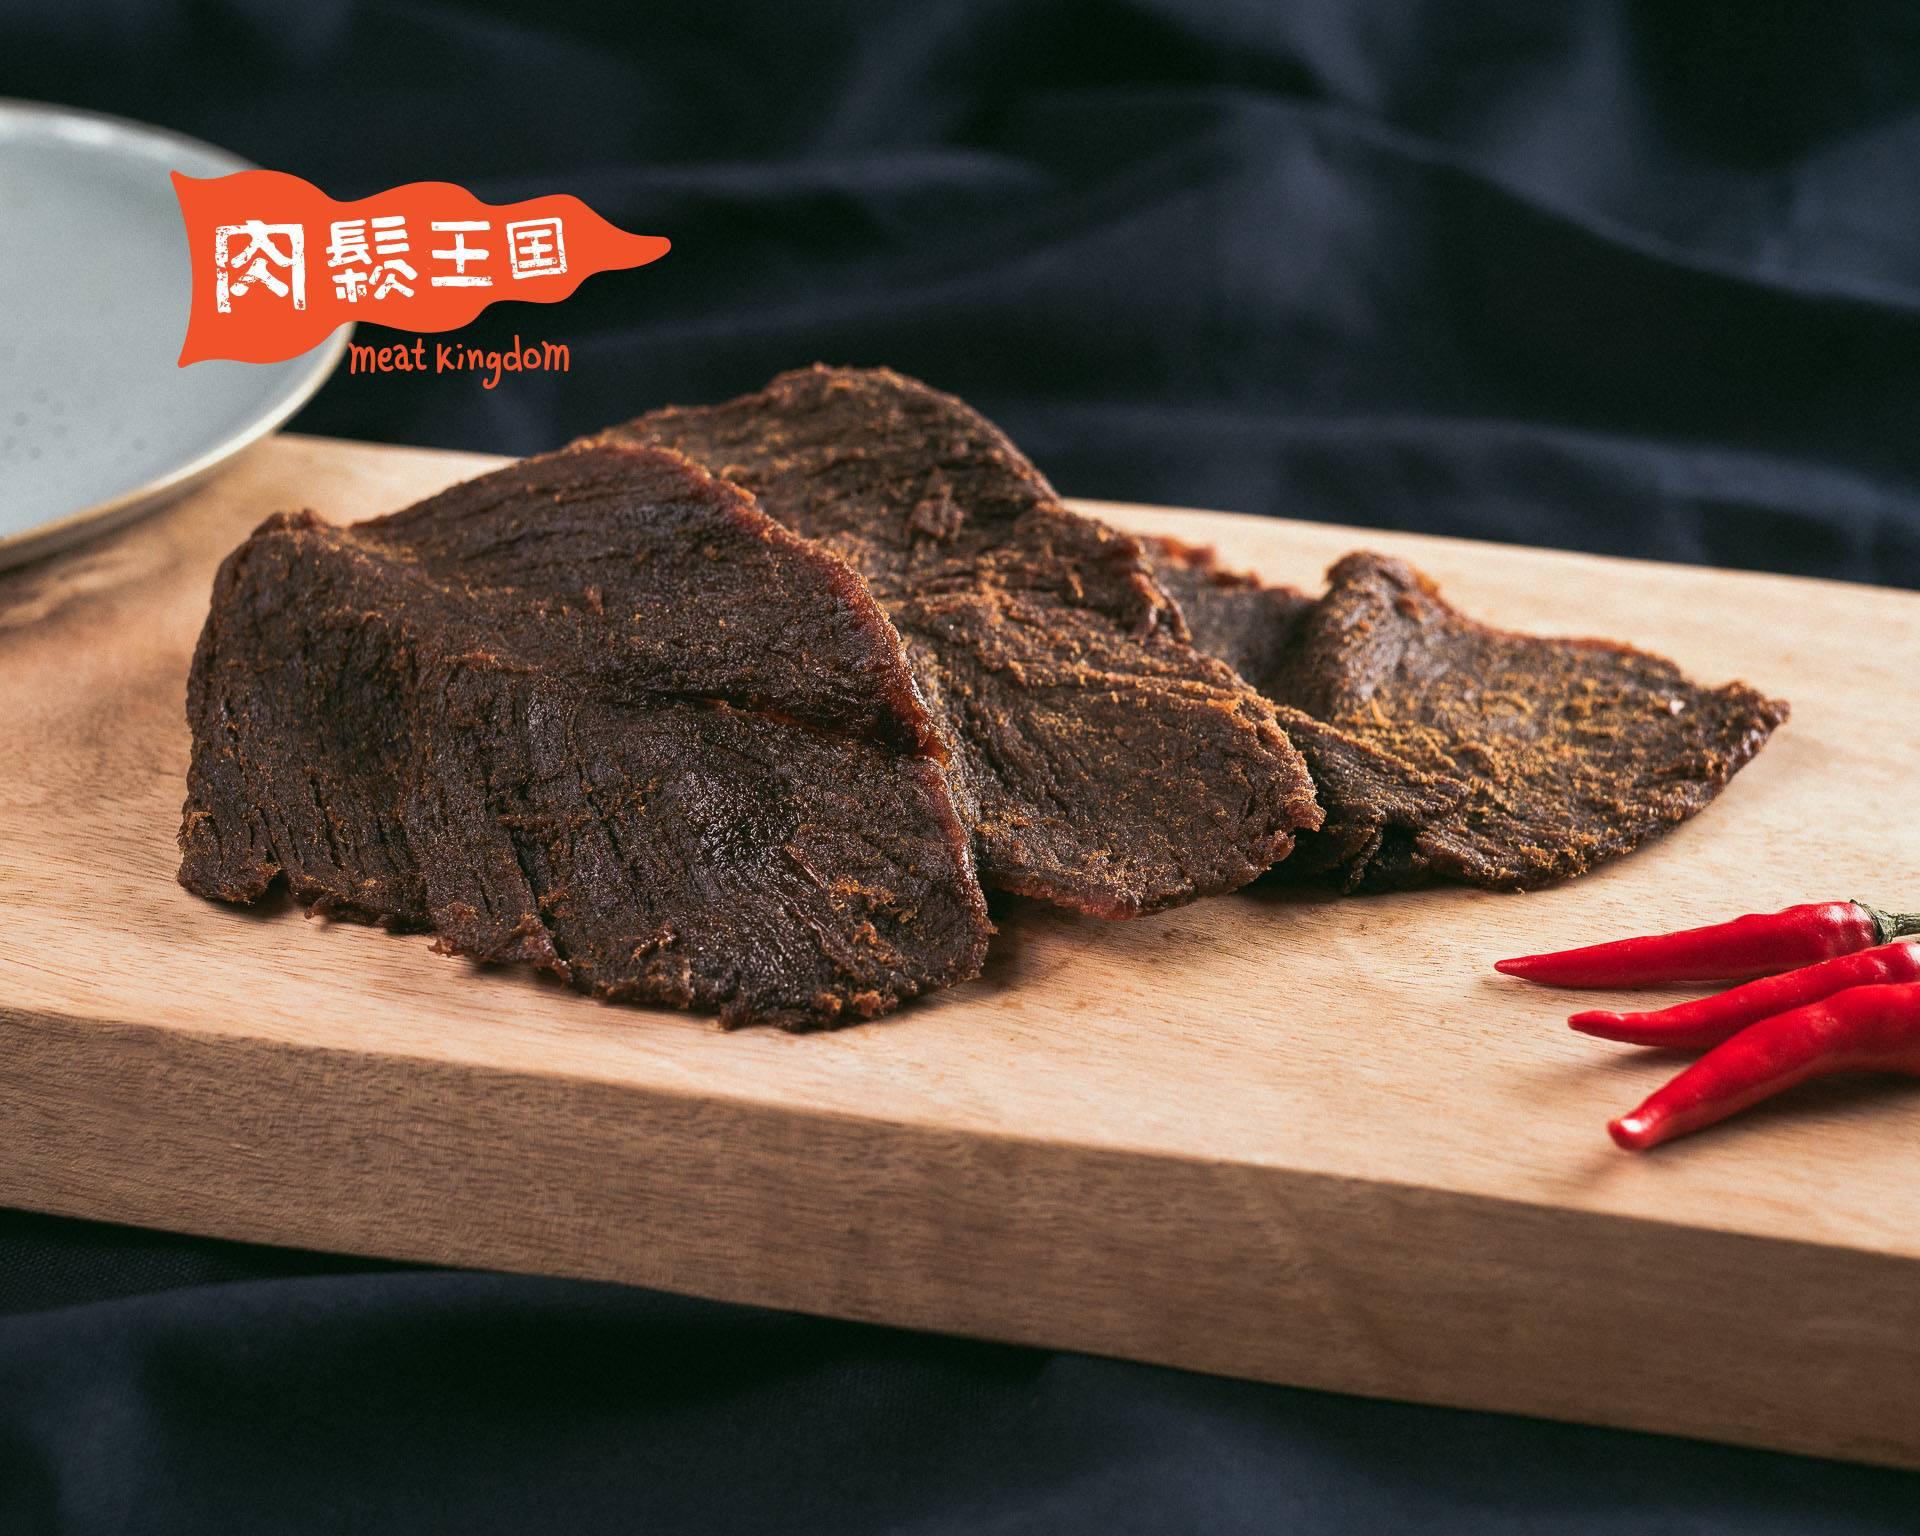 肉鬆王國 『澳洲牛肉乾』☞純正澳洲牛☞國王放鬆包 65g±10g